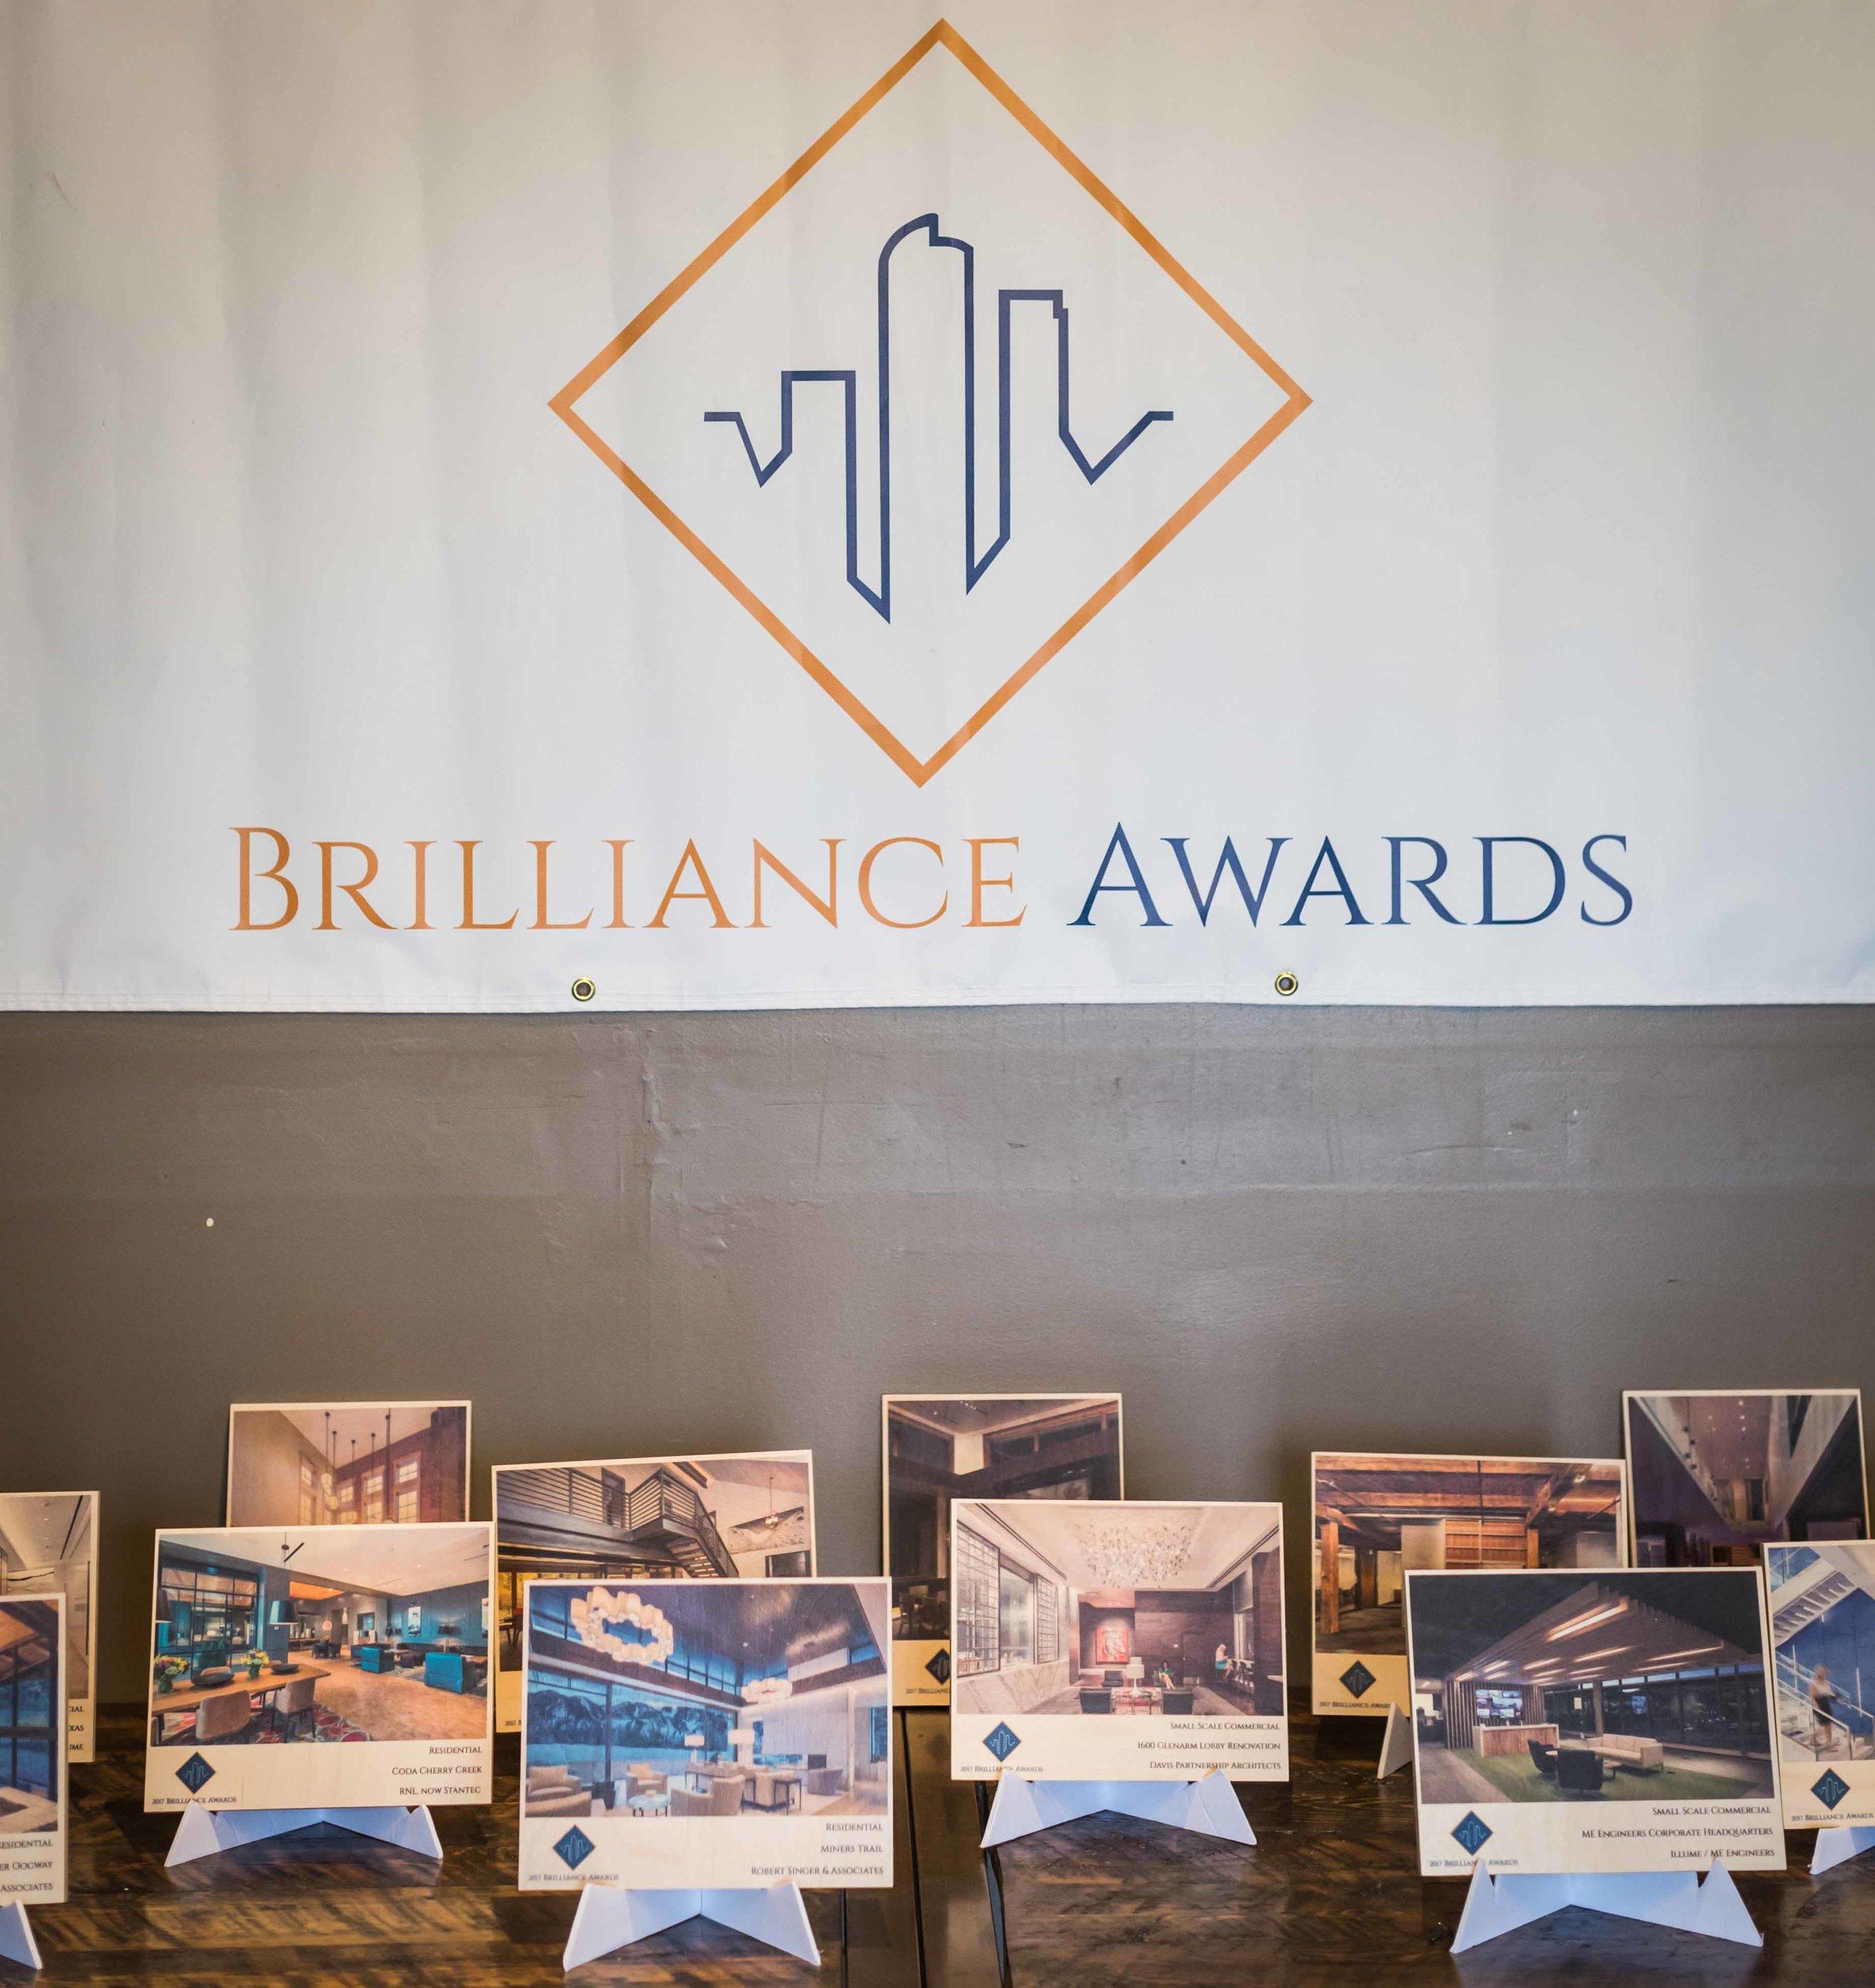 Brilliance_Awards_Photos-2.jpg